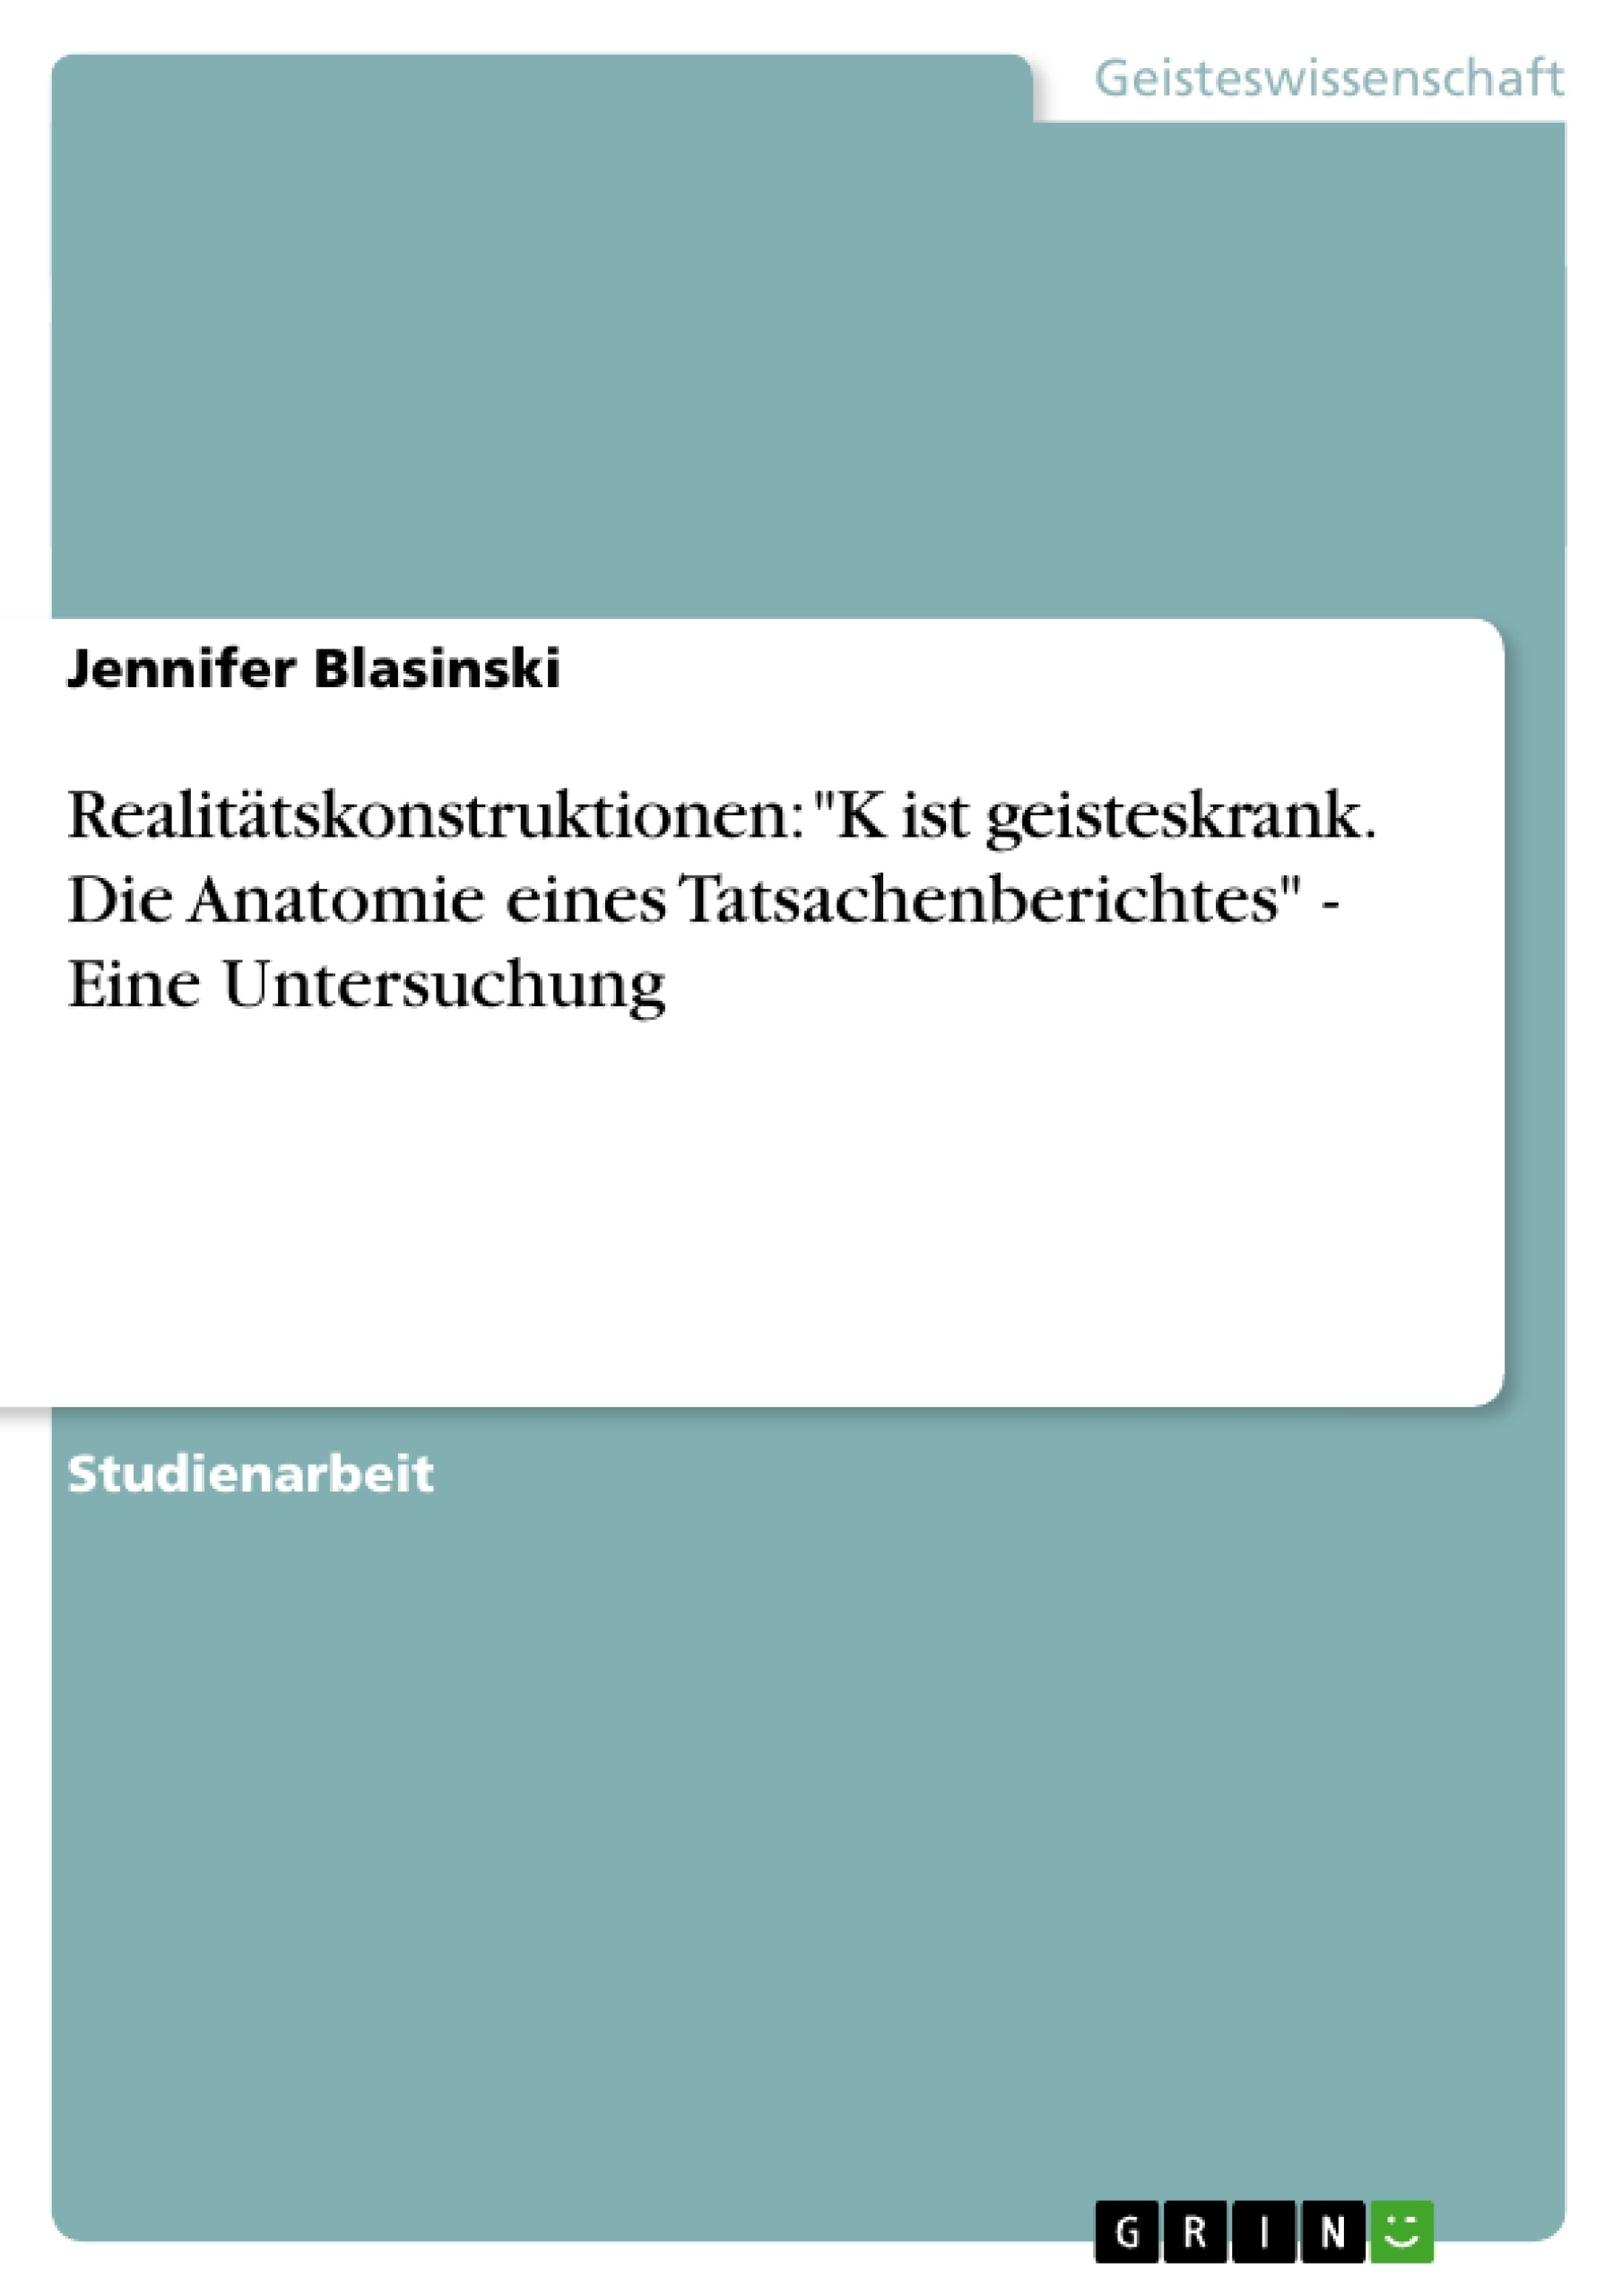 """Titel: Realitätskonstruktionen: """"K ist geisteskrank. Die Anatomie eines Tatsachenberichtes"""" - Eine Untersuchung"""